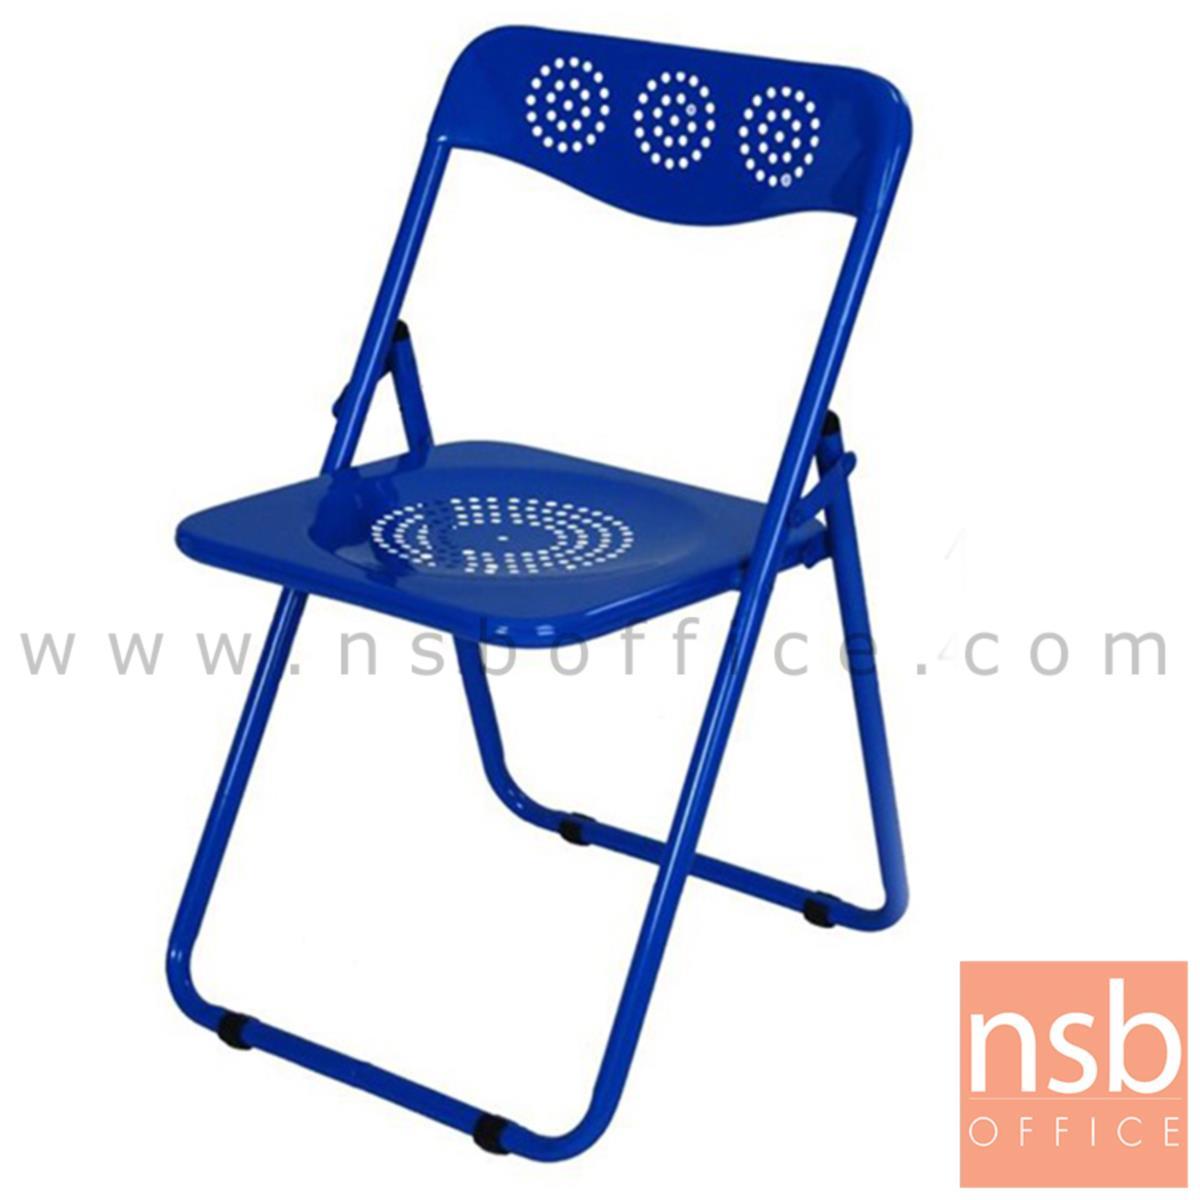 B10A002:เก้าอี้พับที่นั่งเหล็ก รุ่น SPORT ขาเหล็ก (บรรจุกล่องละ 4 ตัว)